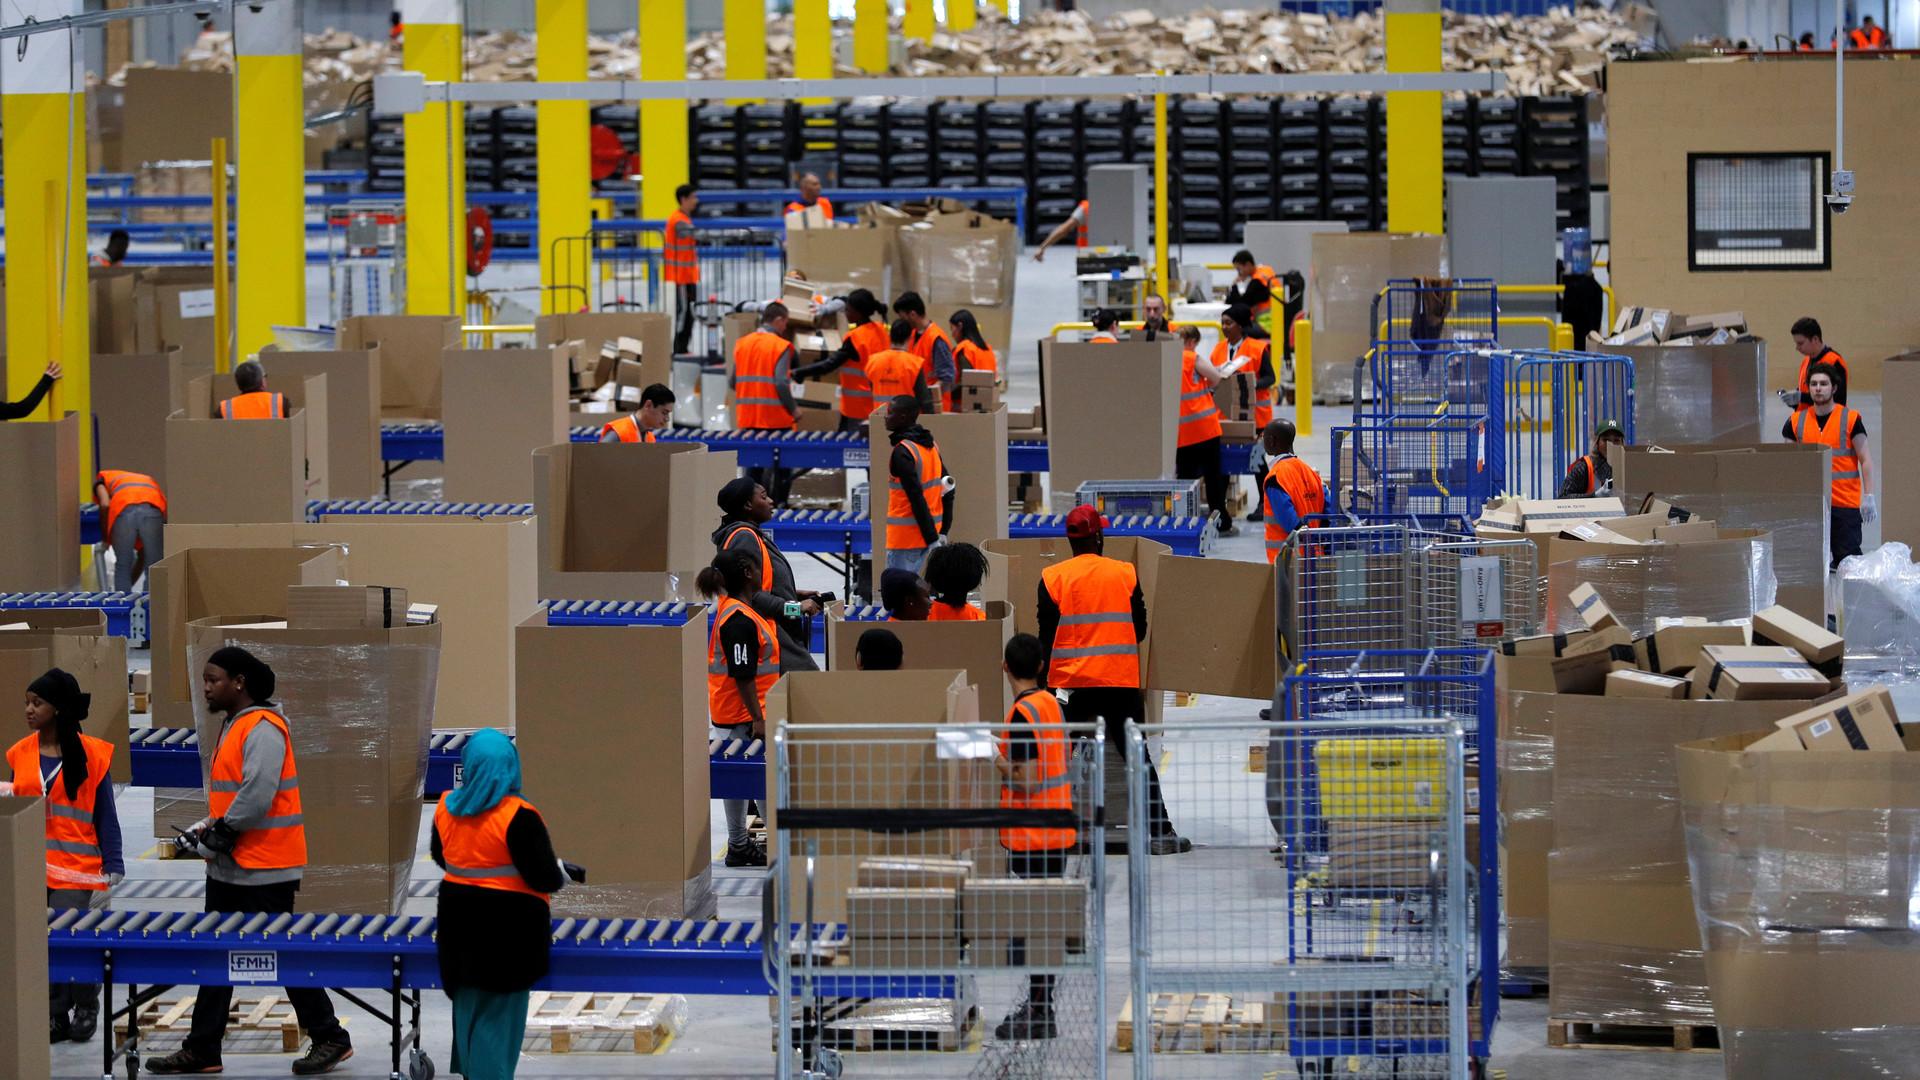 В дебрях Amazon: крупнейший интернет-магазин обвинили в эксплуатации рабочих